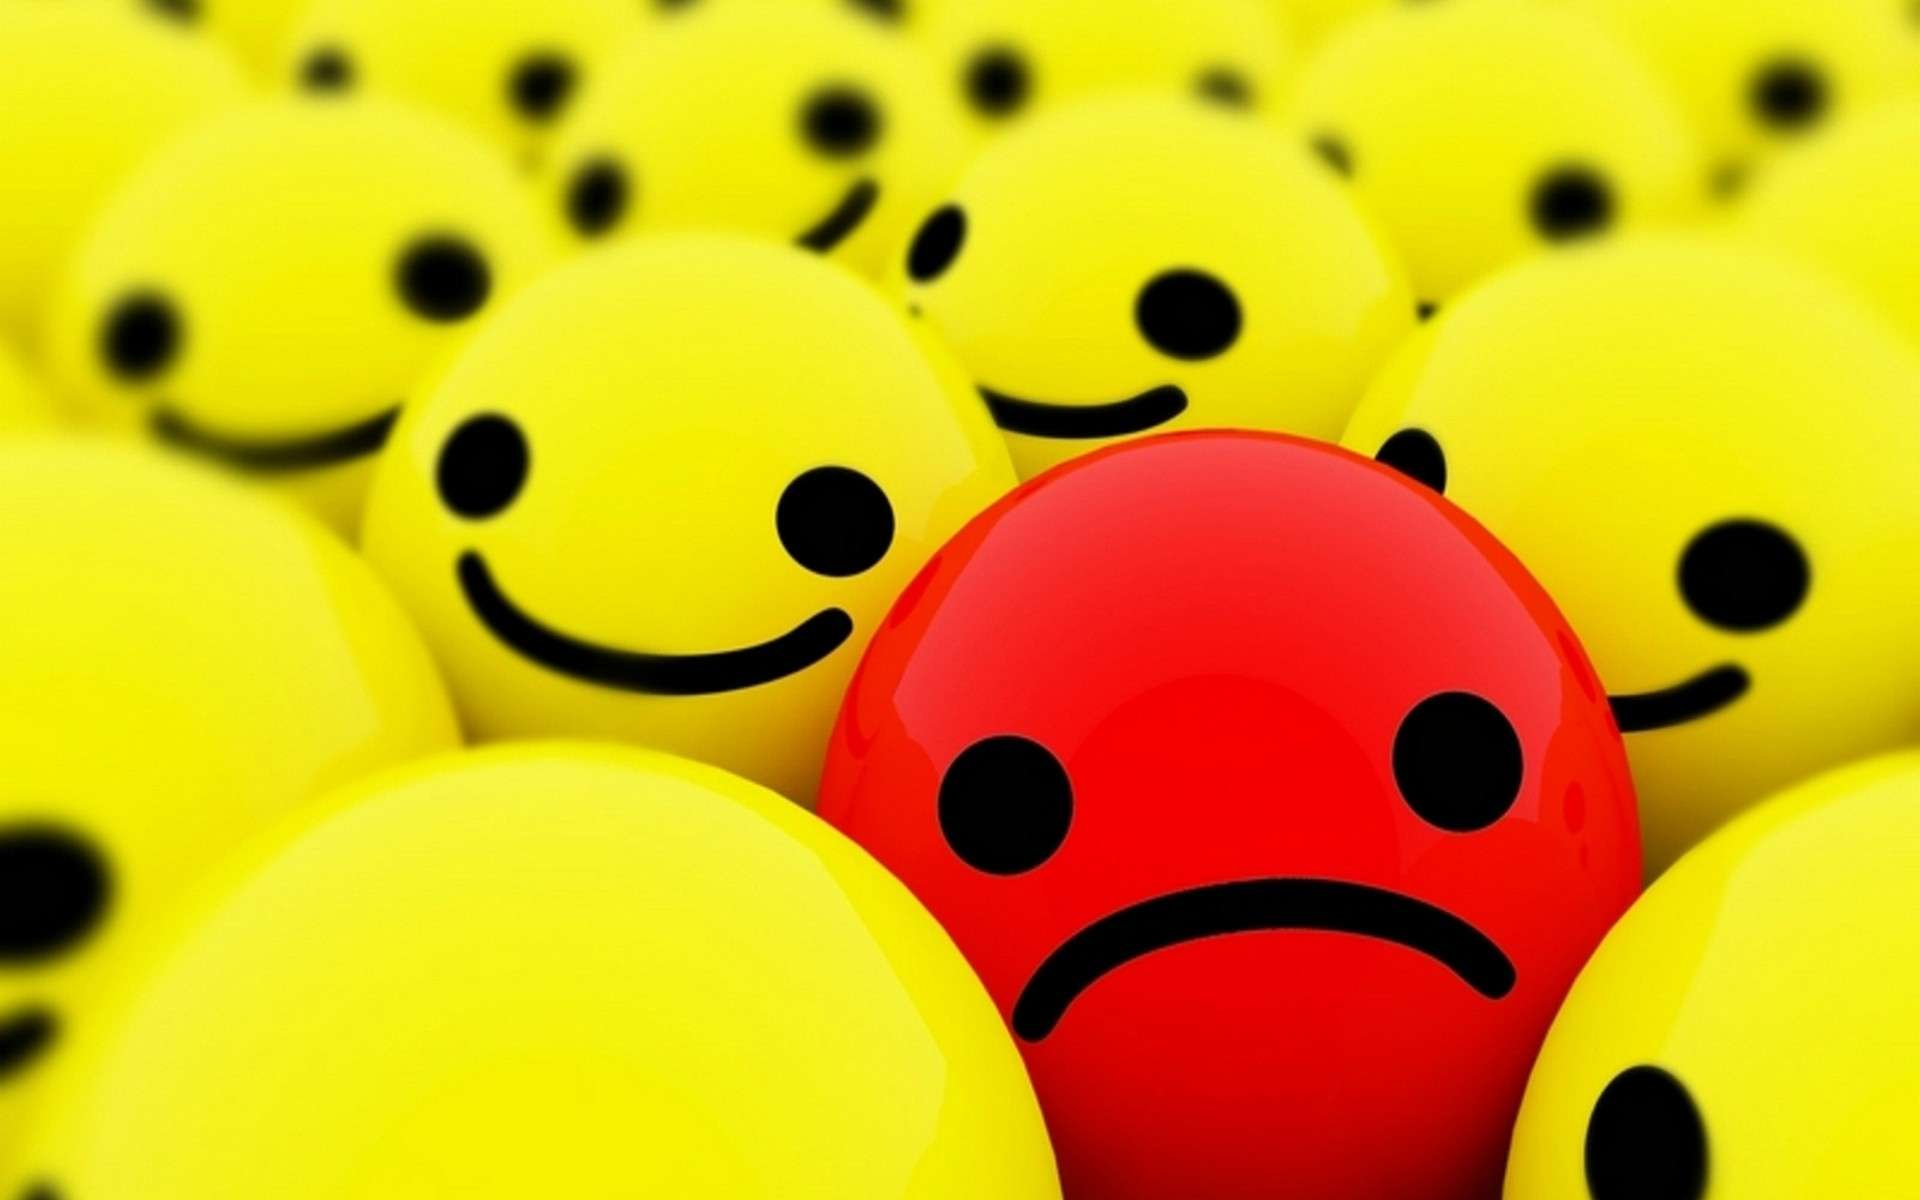 smiling-3008648-1920x1200